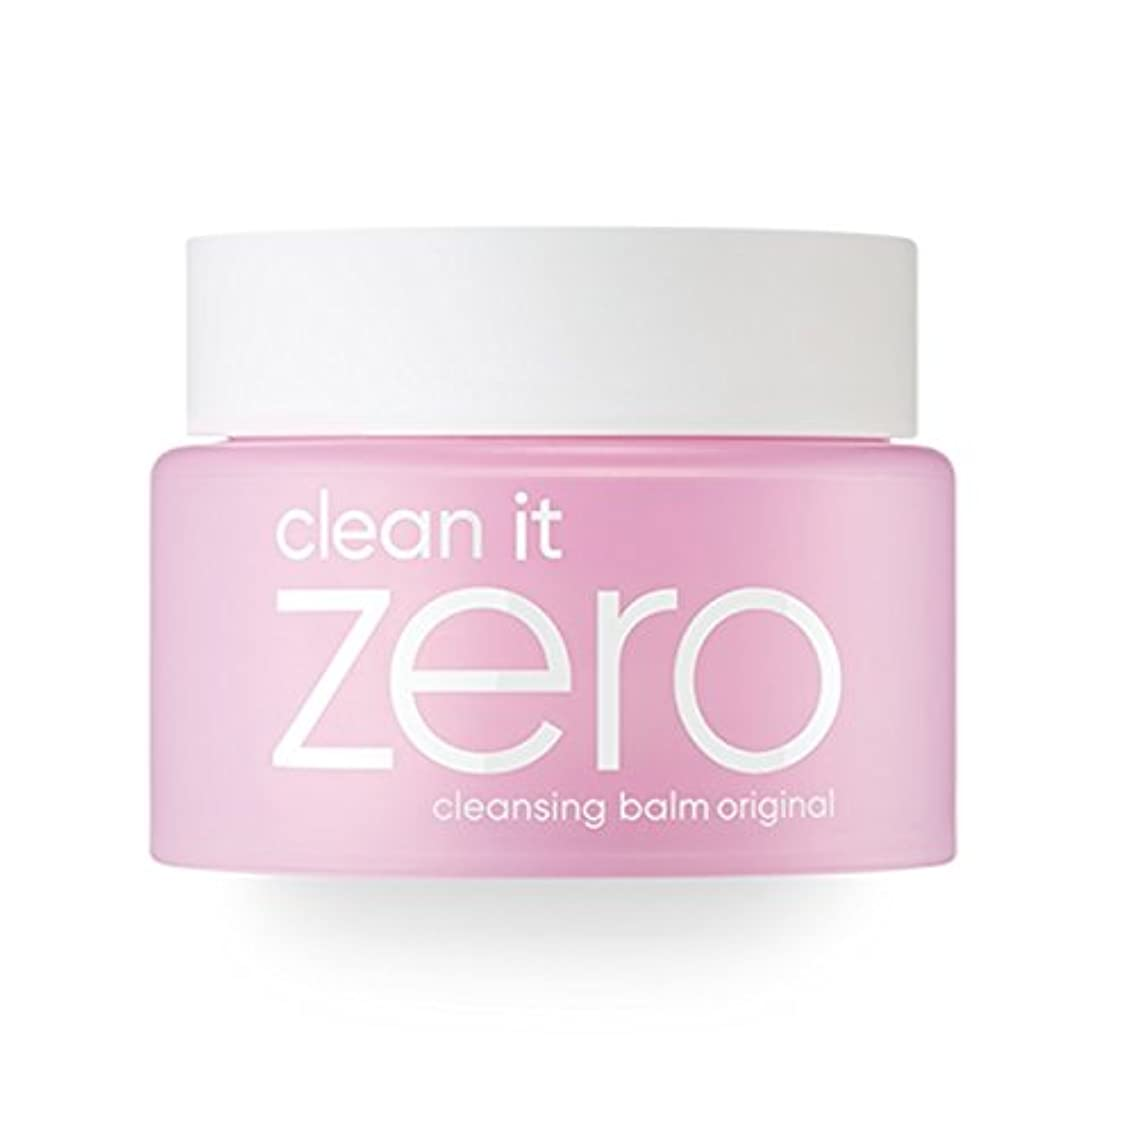 満足超えるおもしろいBanila.co クリーン イット ゼロ クレンジングバーム オリジナル / Clean it Zero Cleansing Balm Original (100ml)